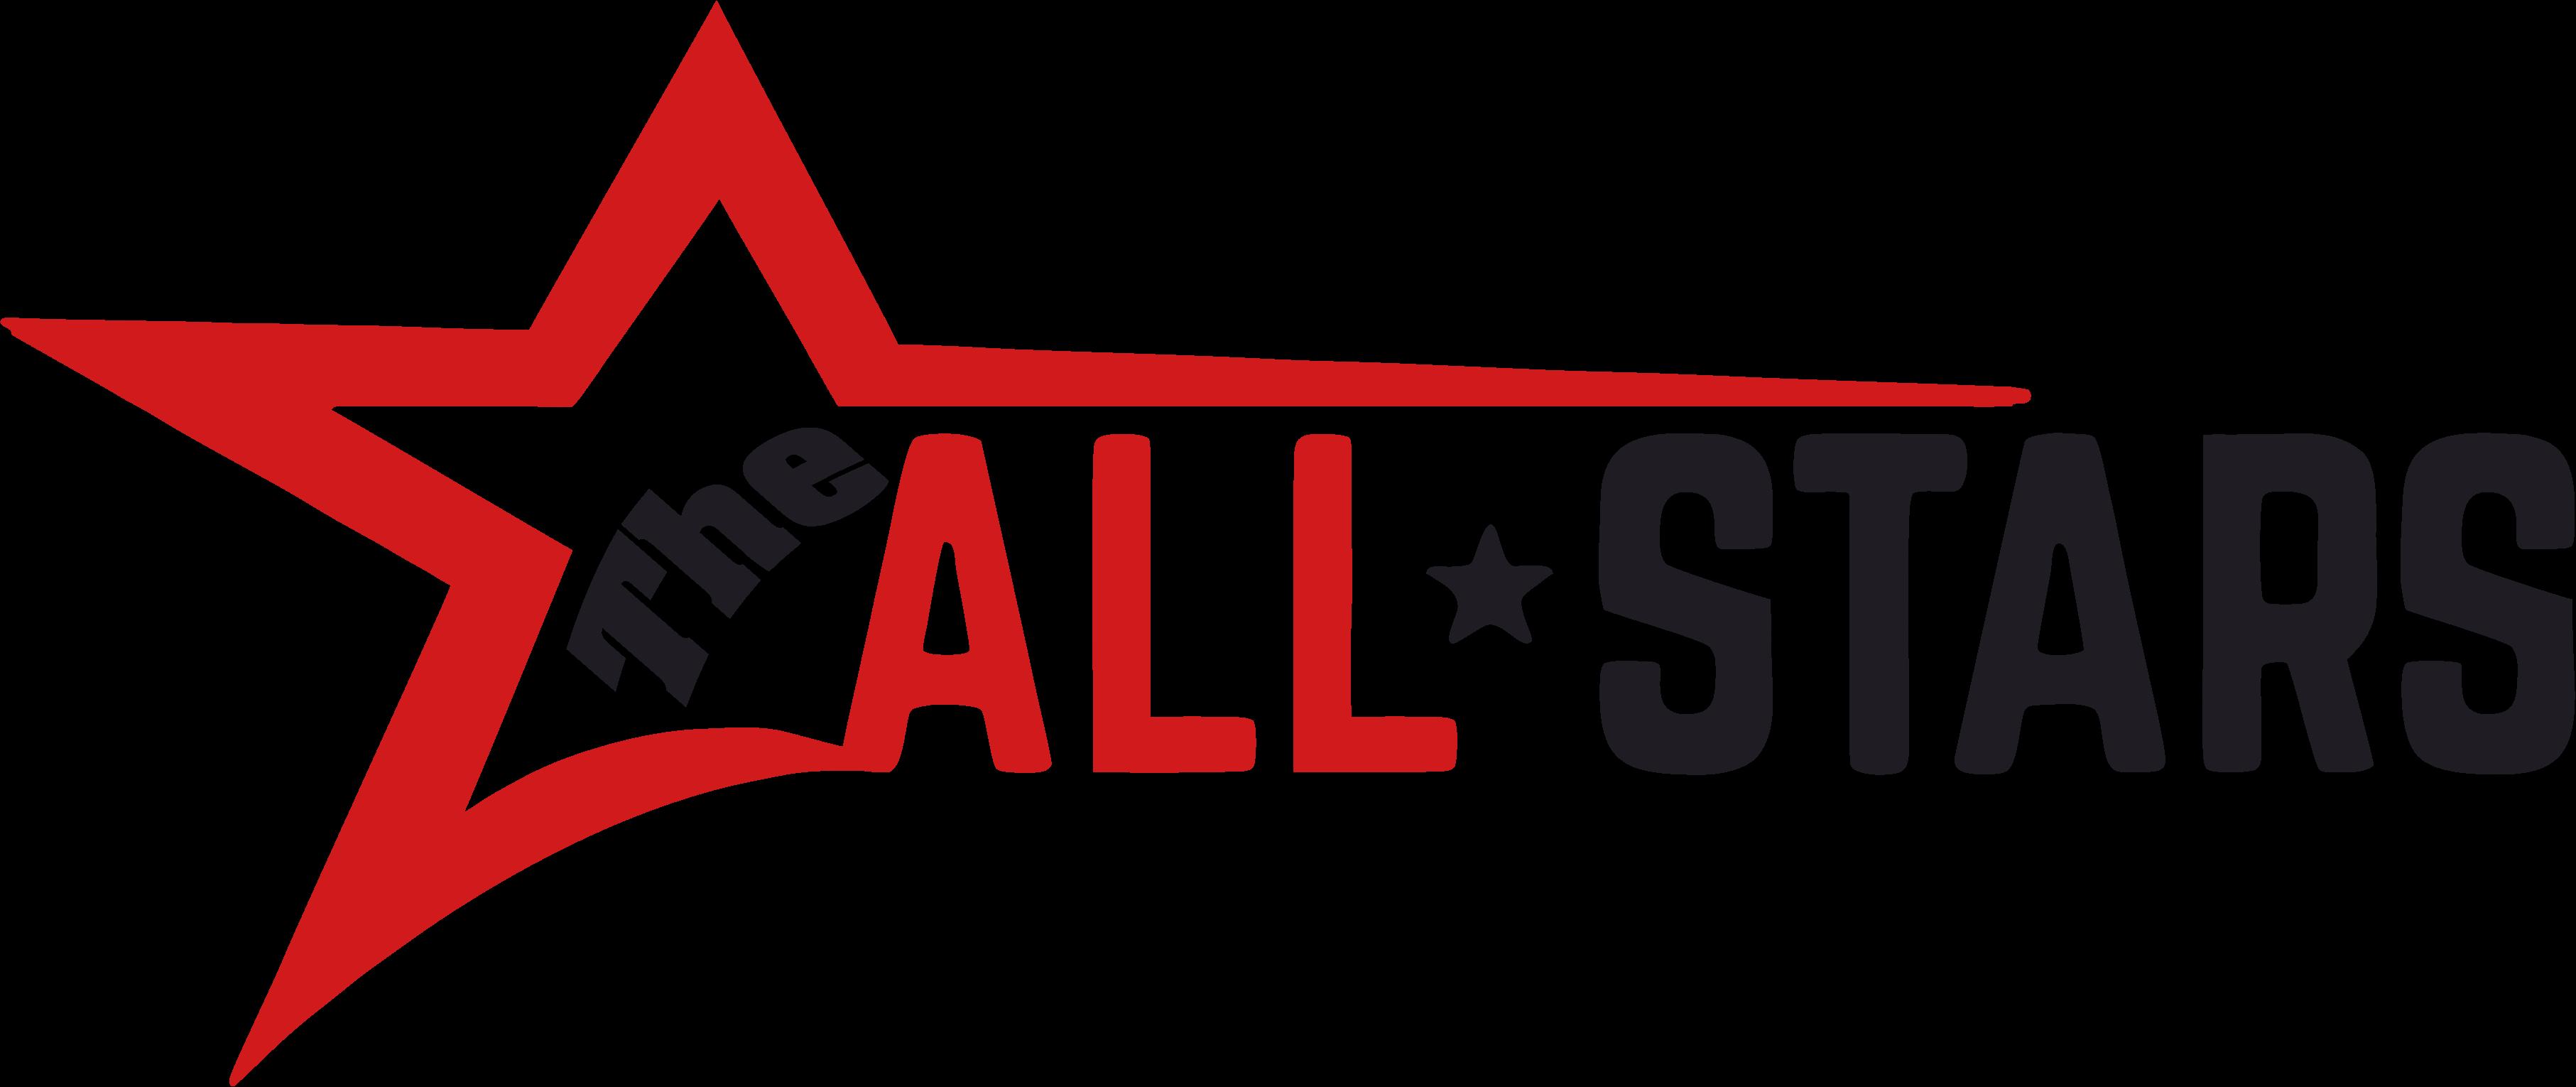 allstarsfinal